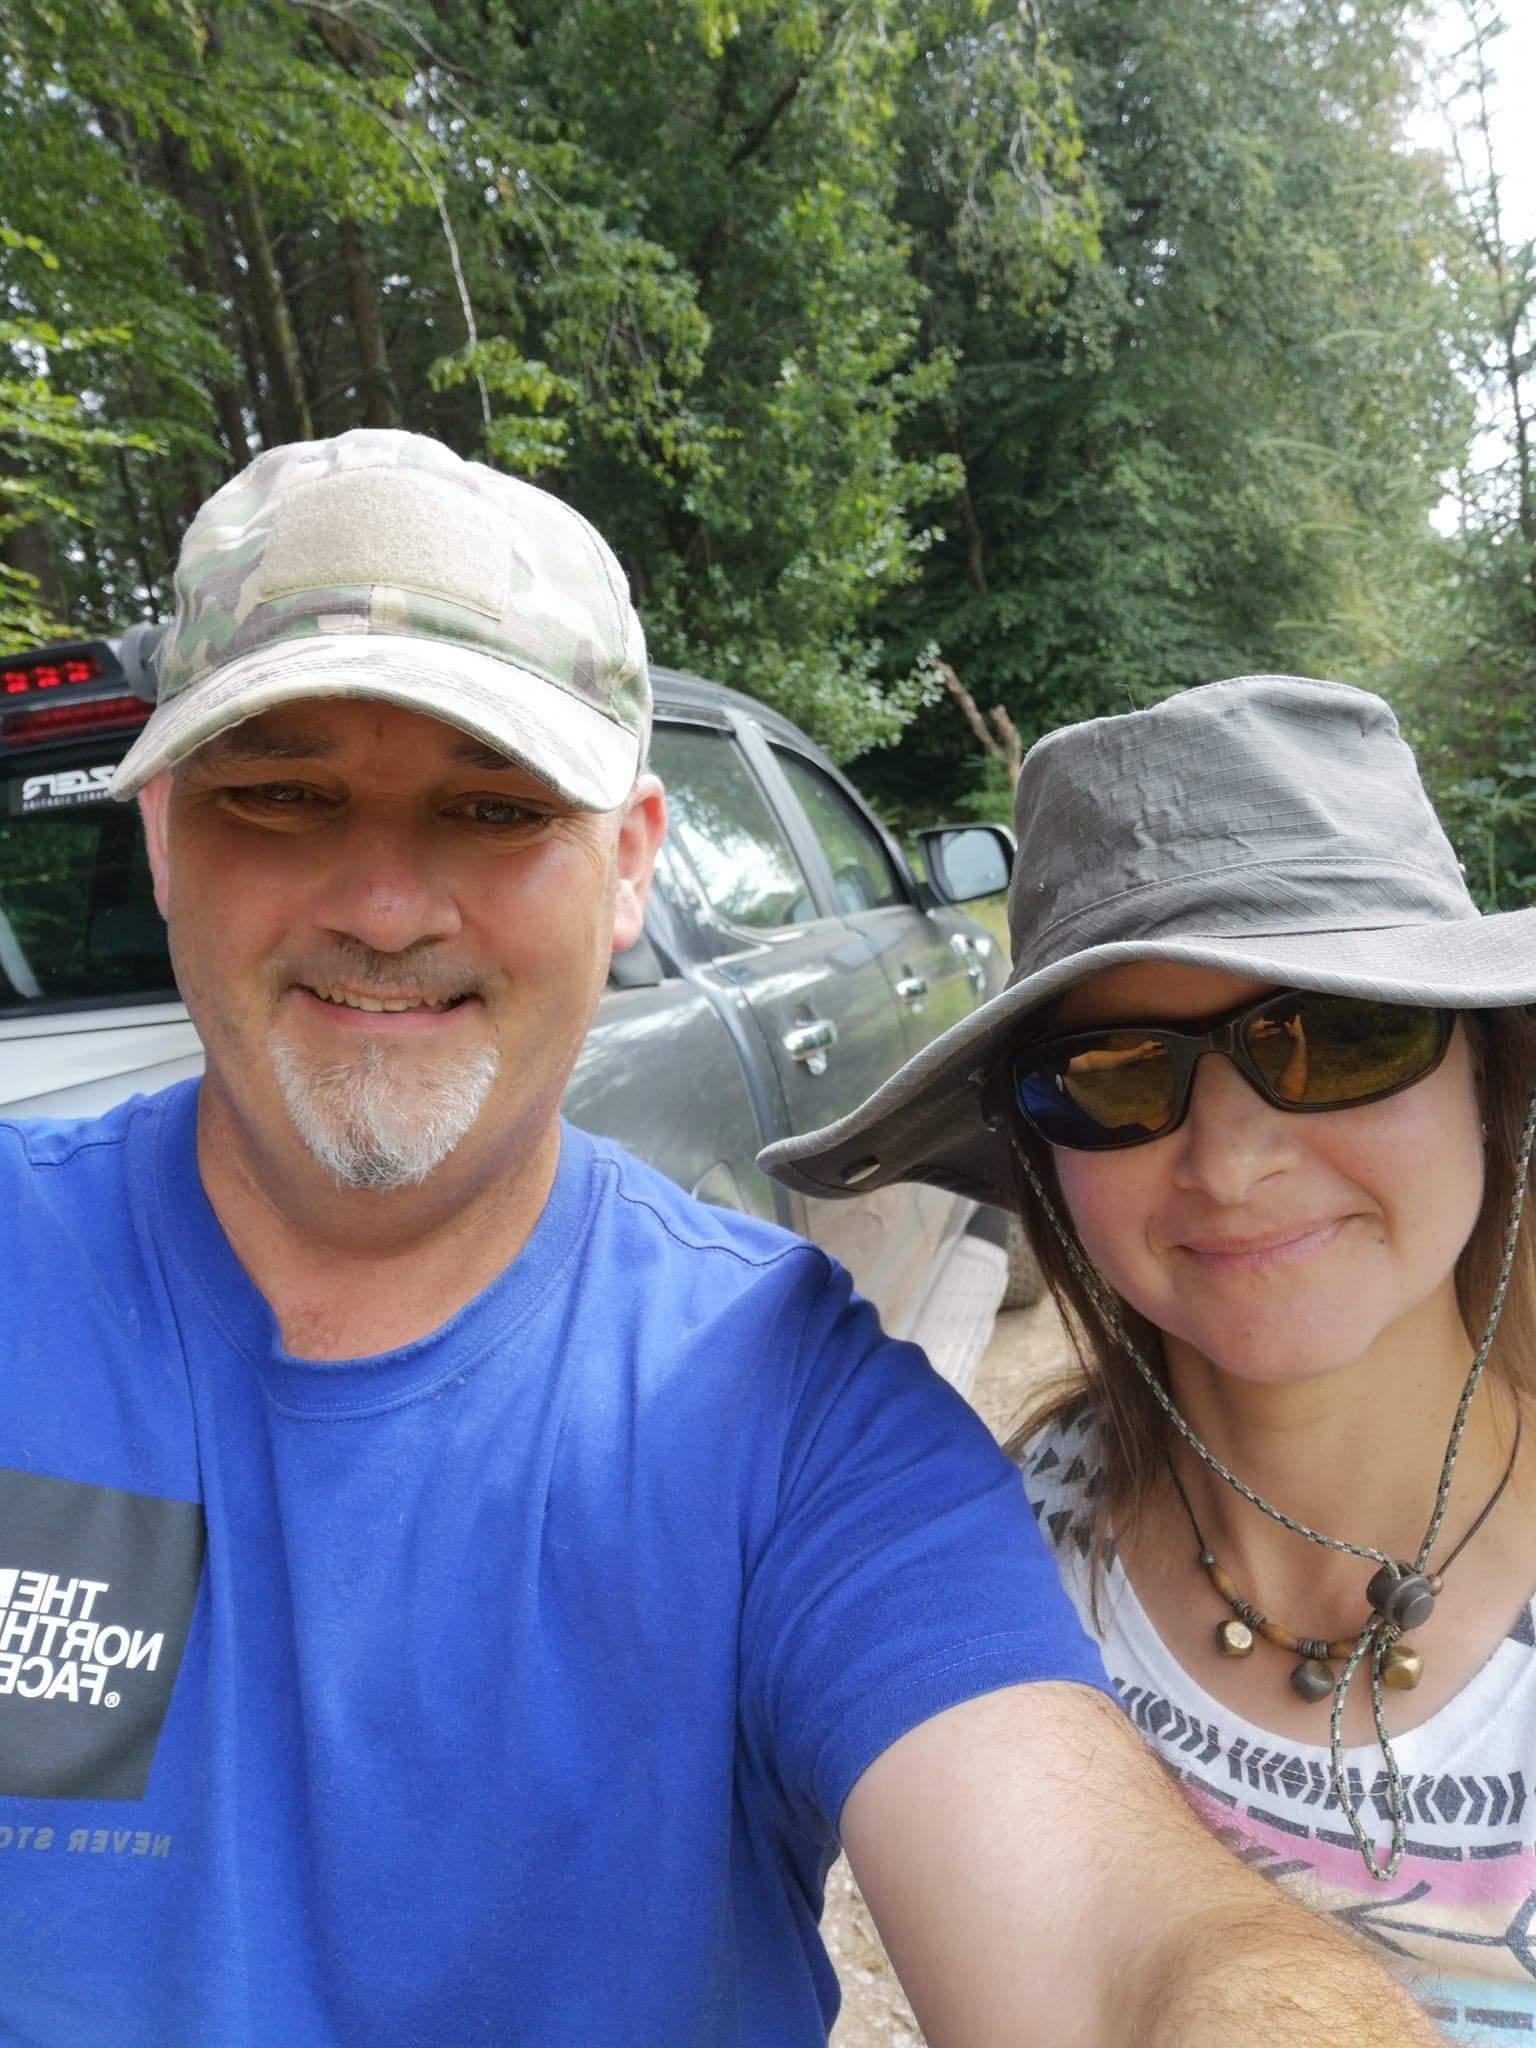 Steve and Tamara